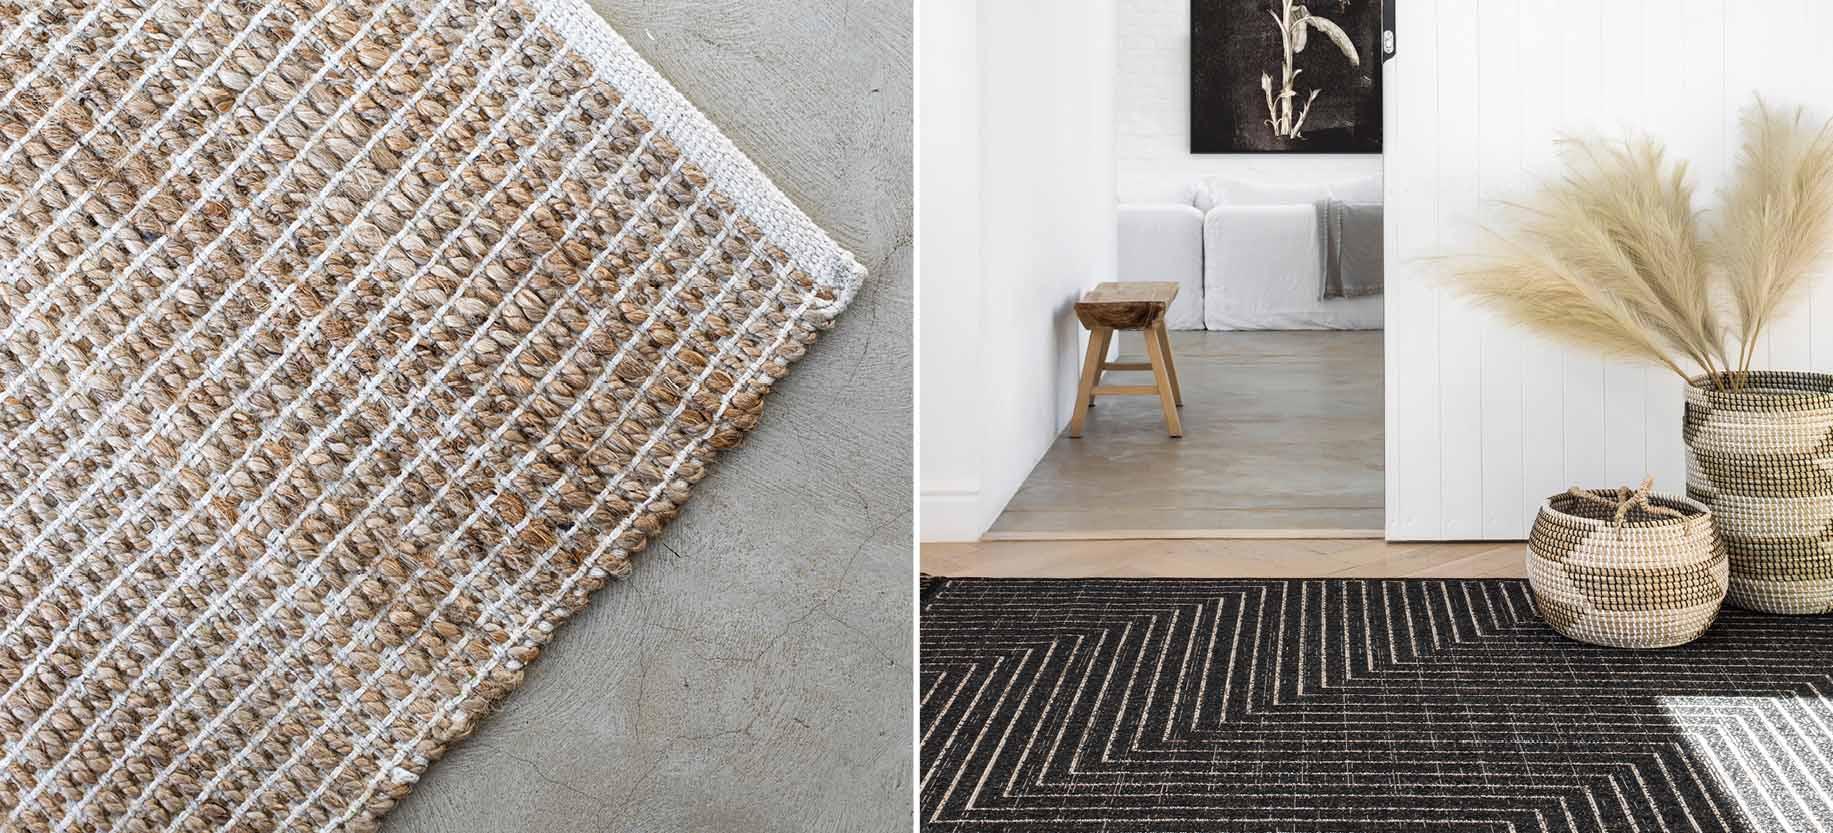 HS_Winter_Full_Nav_880x410px2_all rugs